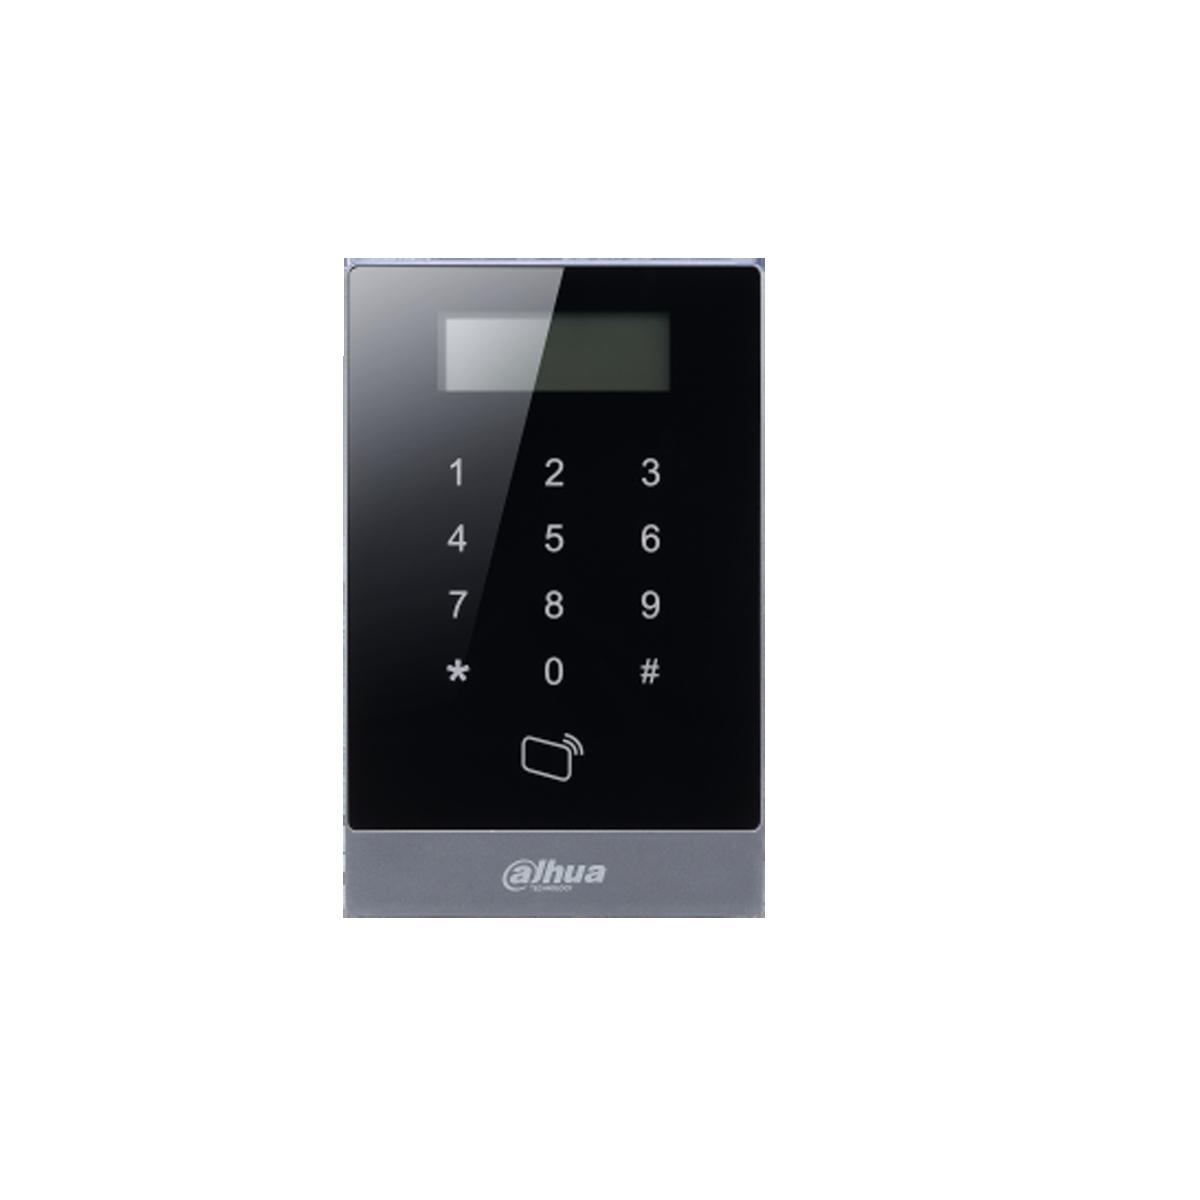 Teclado Touch/ LCD Interior DAHUA